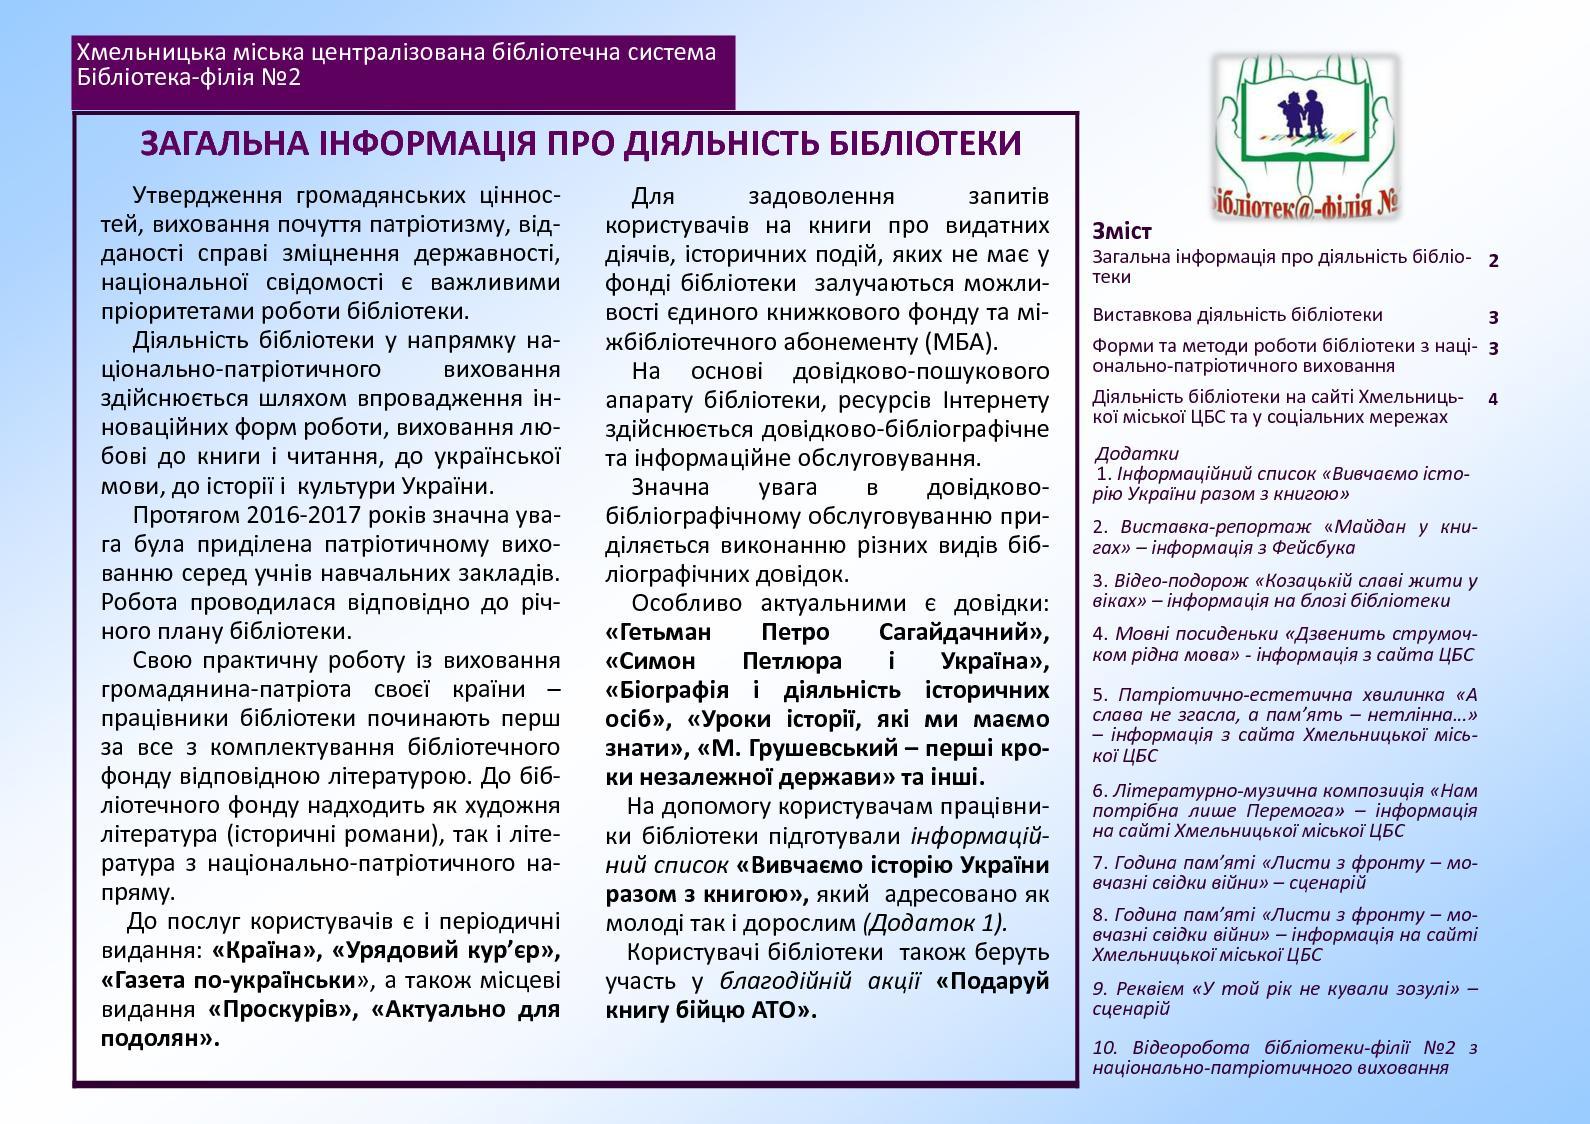 Національно-патріотичне виховання бібліотеки-філії №2 Хмельницька міська ЦБС